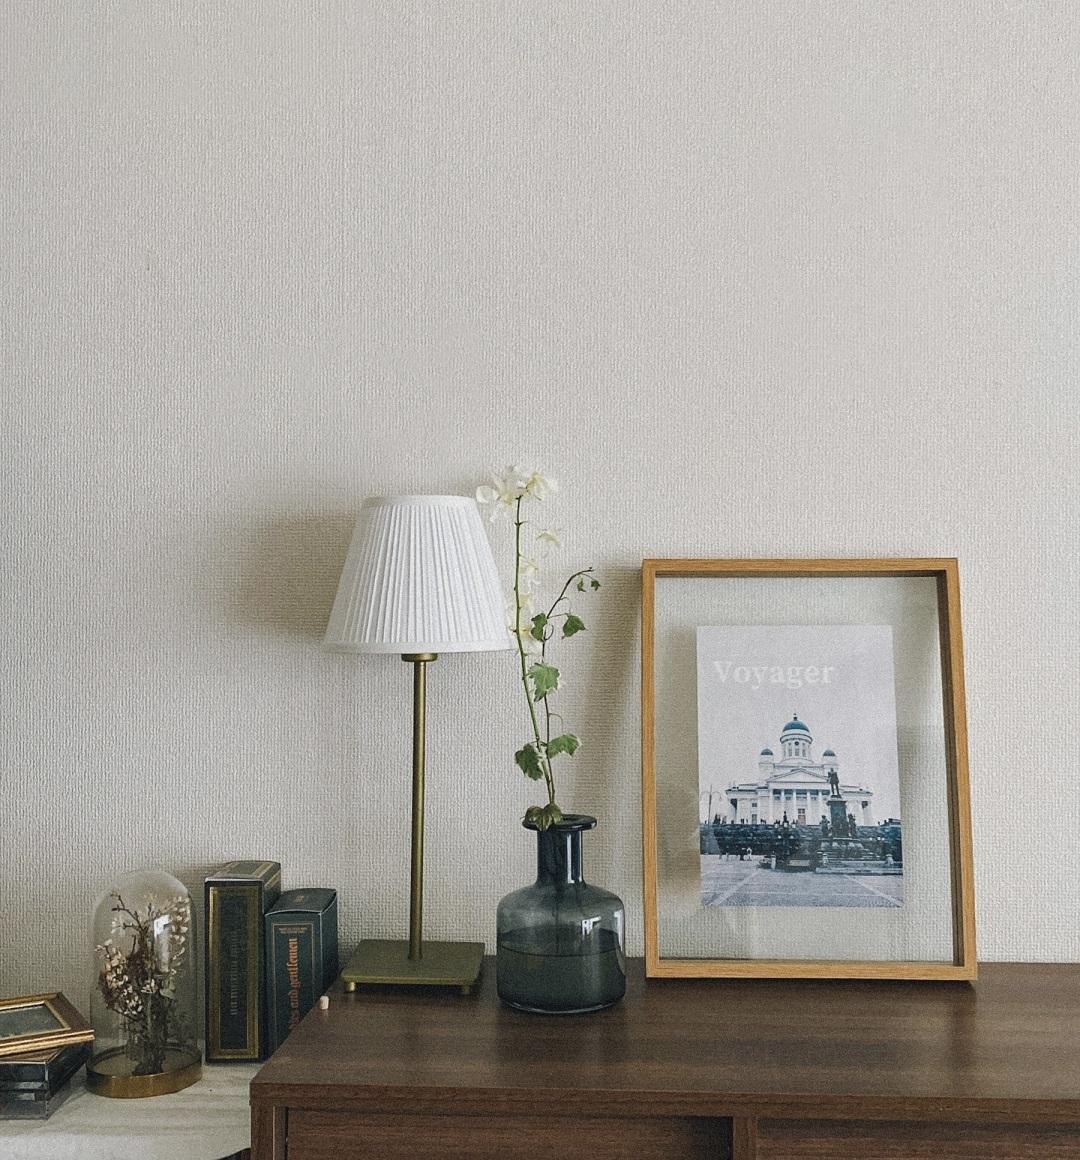 【Standard Products(スタンダードプロダクツ)】木製フォトフレームに、写真やアート、ポスターを飾って